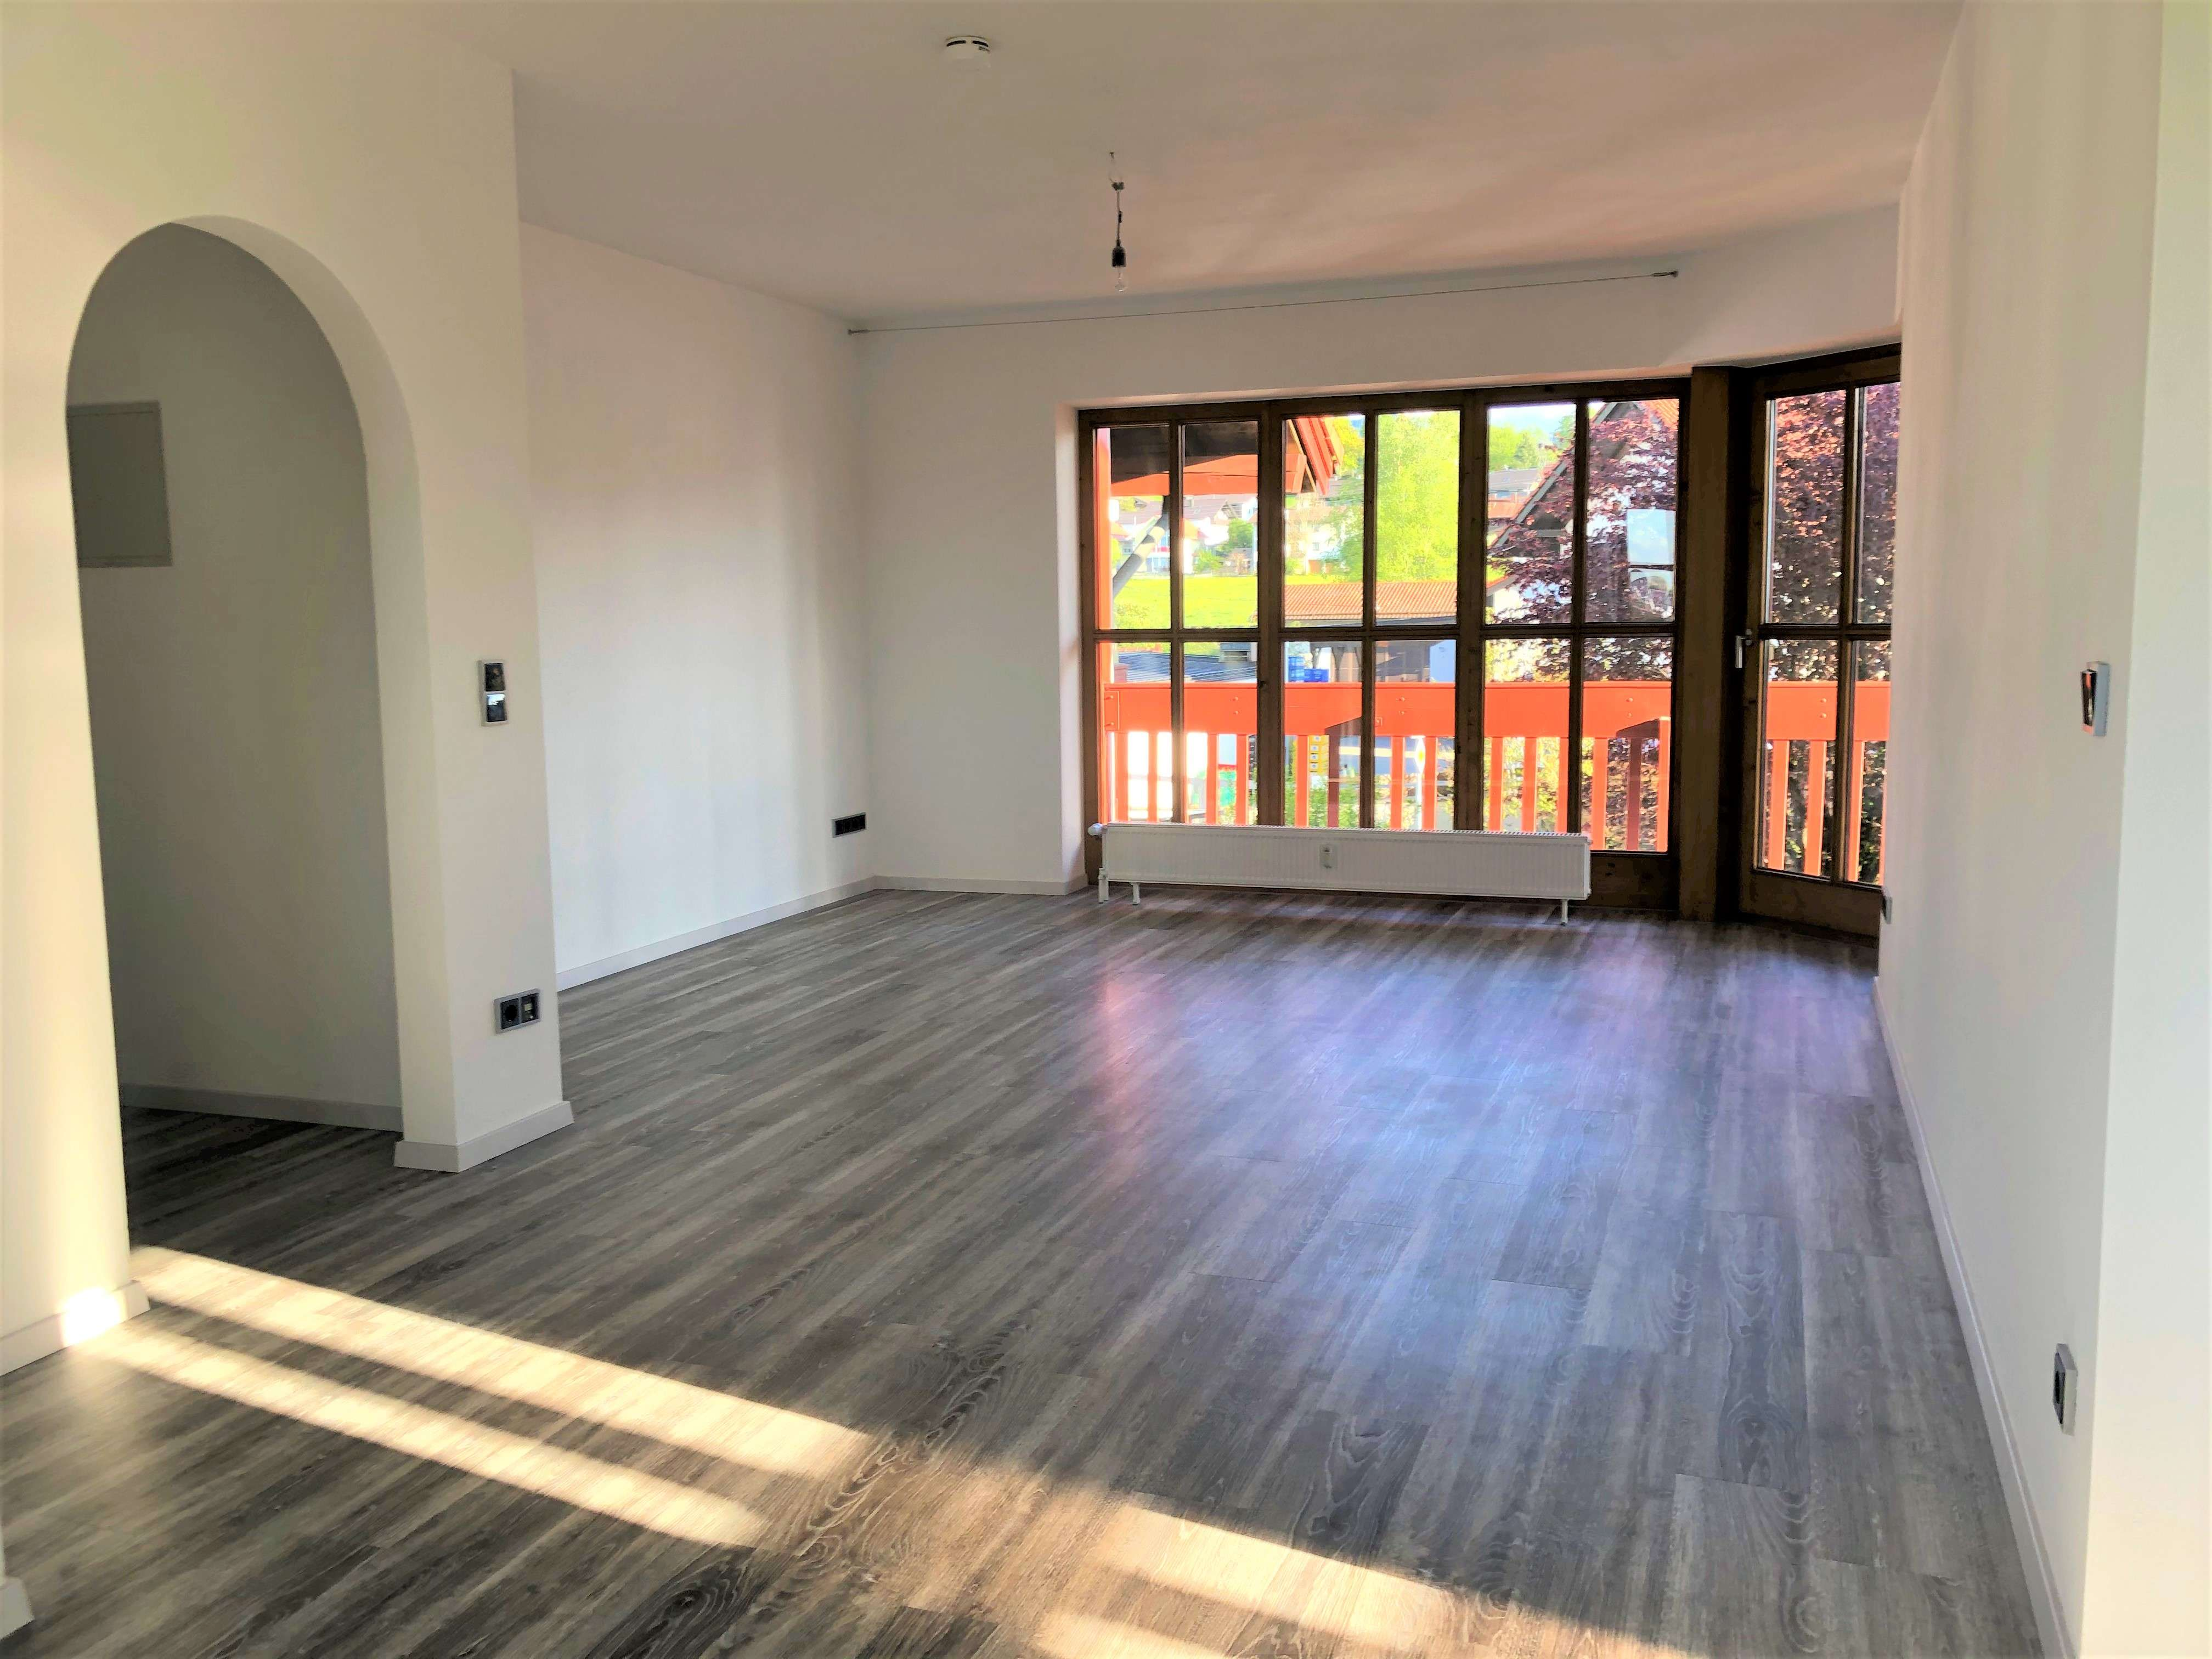 Schöne, zentral gelegene 2019 sanierte 2-Zimmer-Wohnung mit Balkon und EBK in Murnau am Staffelsee in